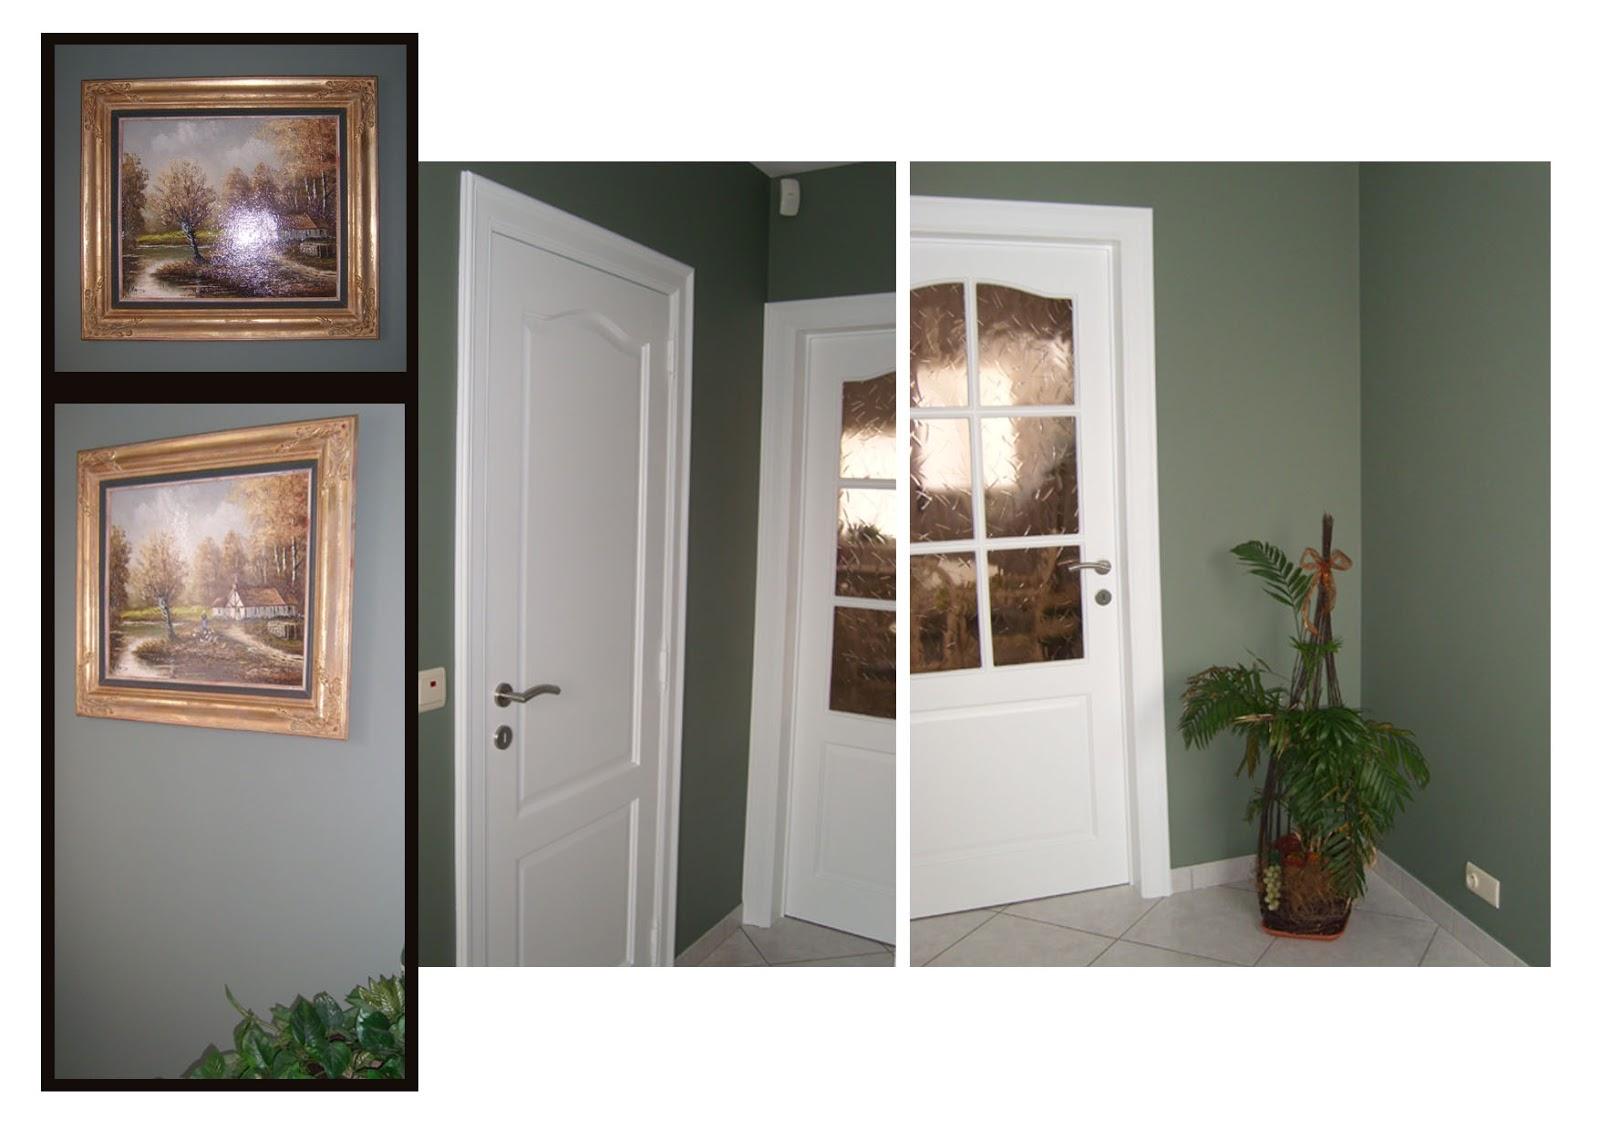 h l ne vanneste cr ation int rieure coloriste halle d 39 entr e et s jour. Black Bedroom Furniture Sets. Home Design Ideas